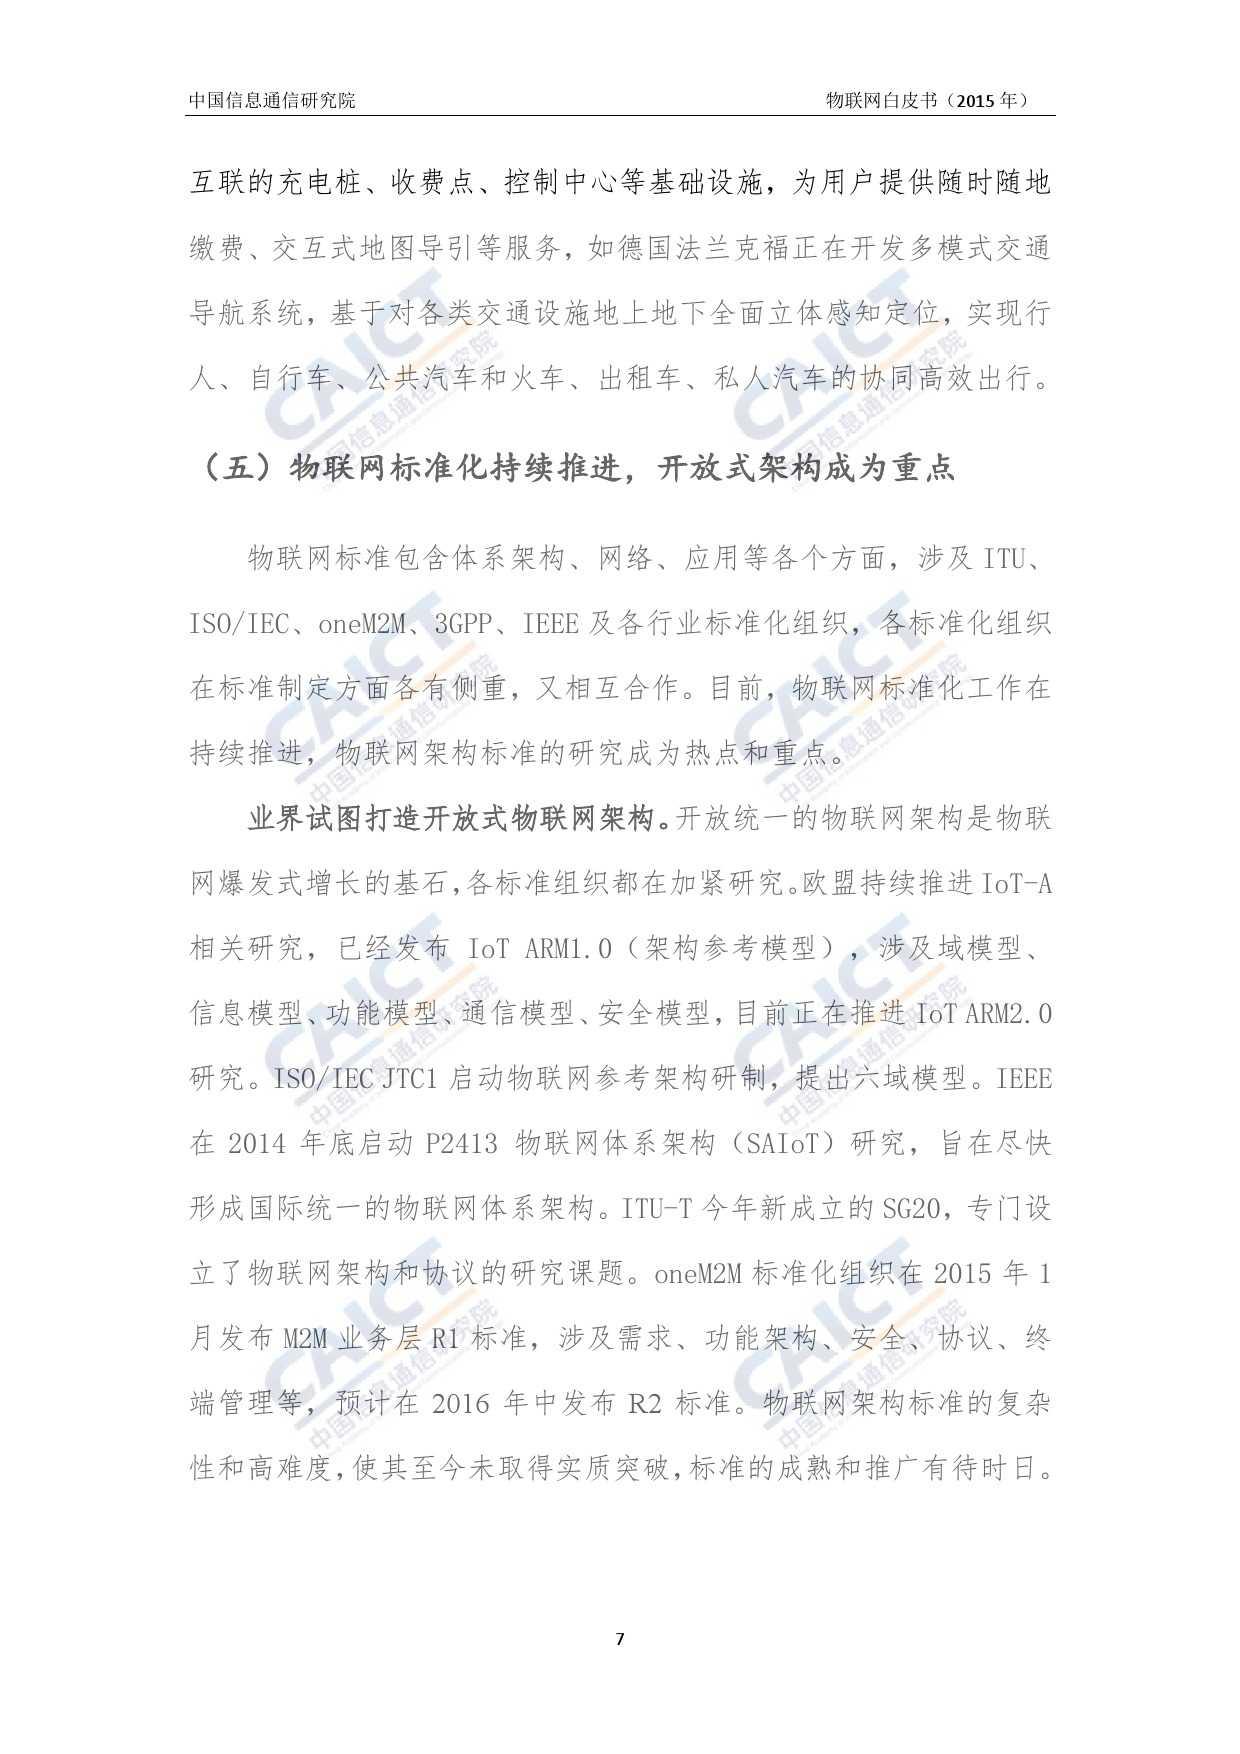 中国信息通信研究院:2015年物联网白皮书_000011